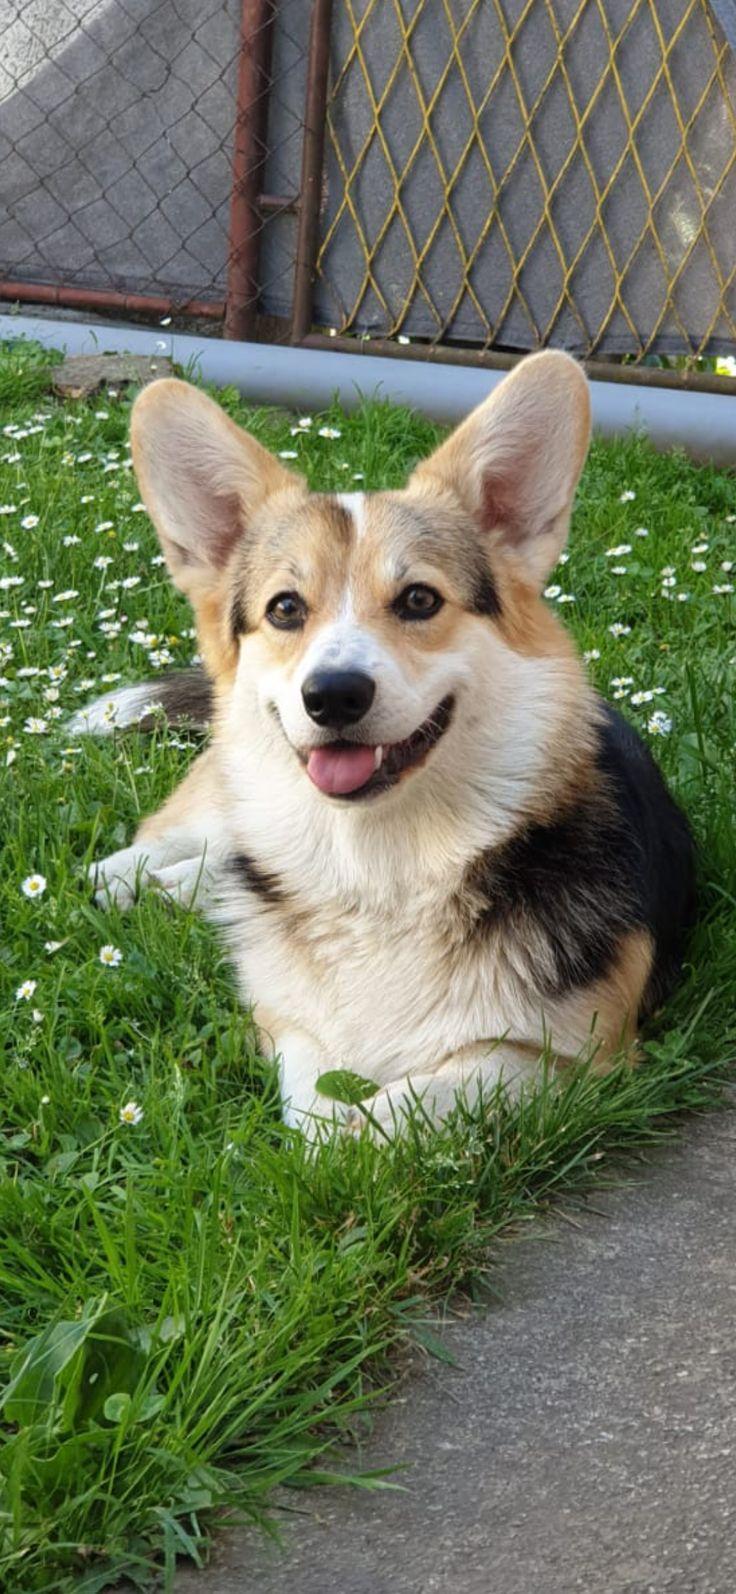 Cute DogCute DogsCute DogsCute